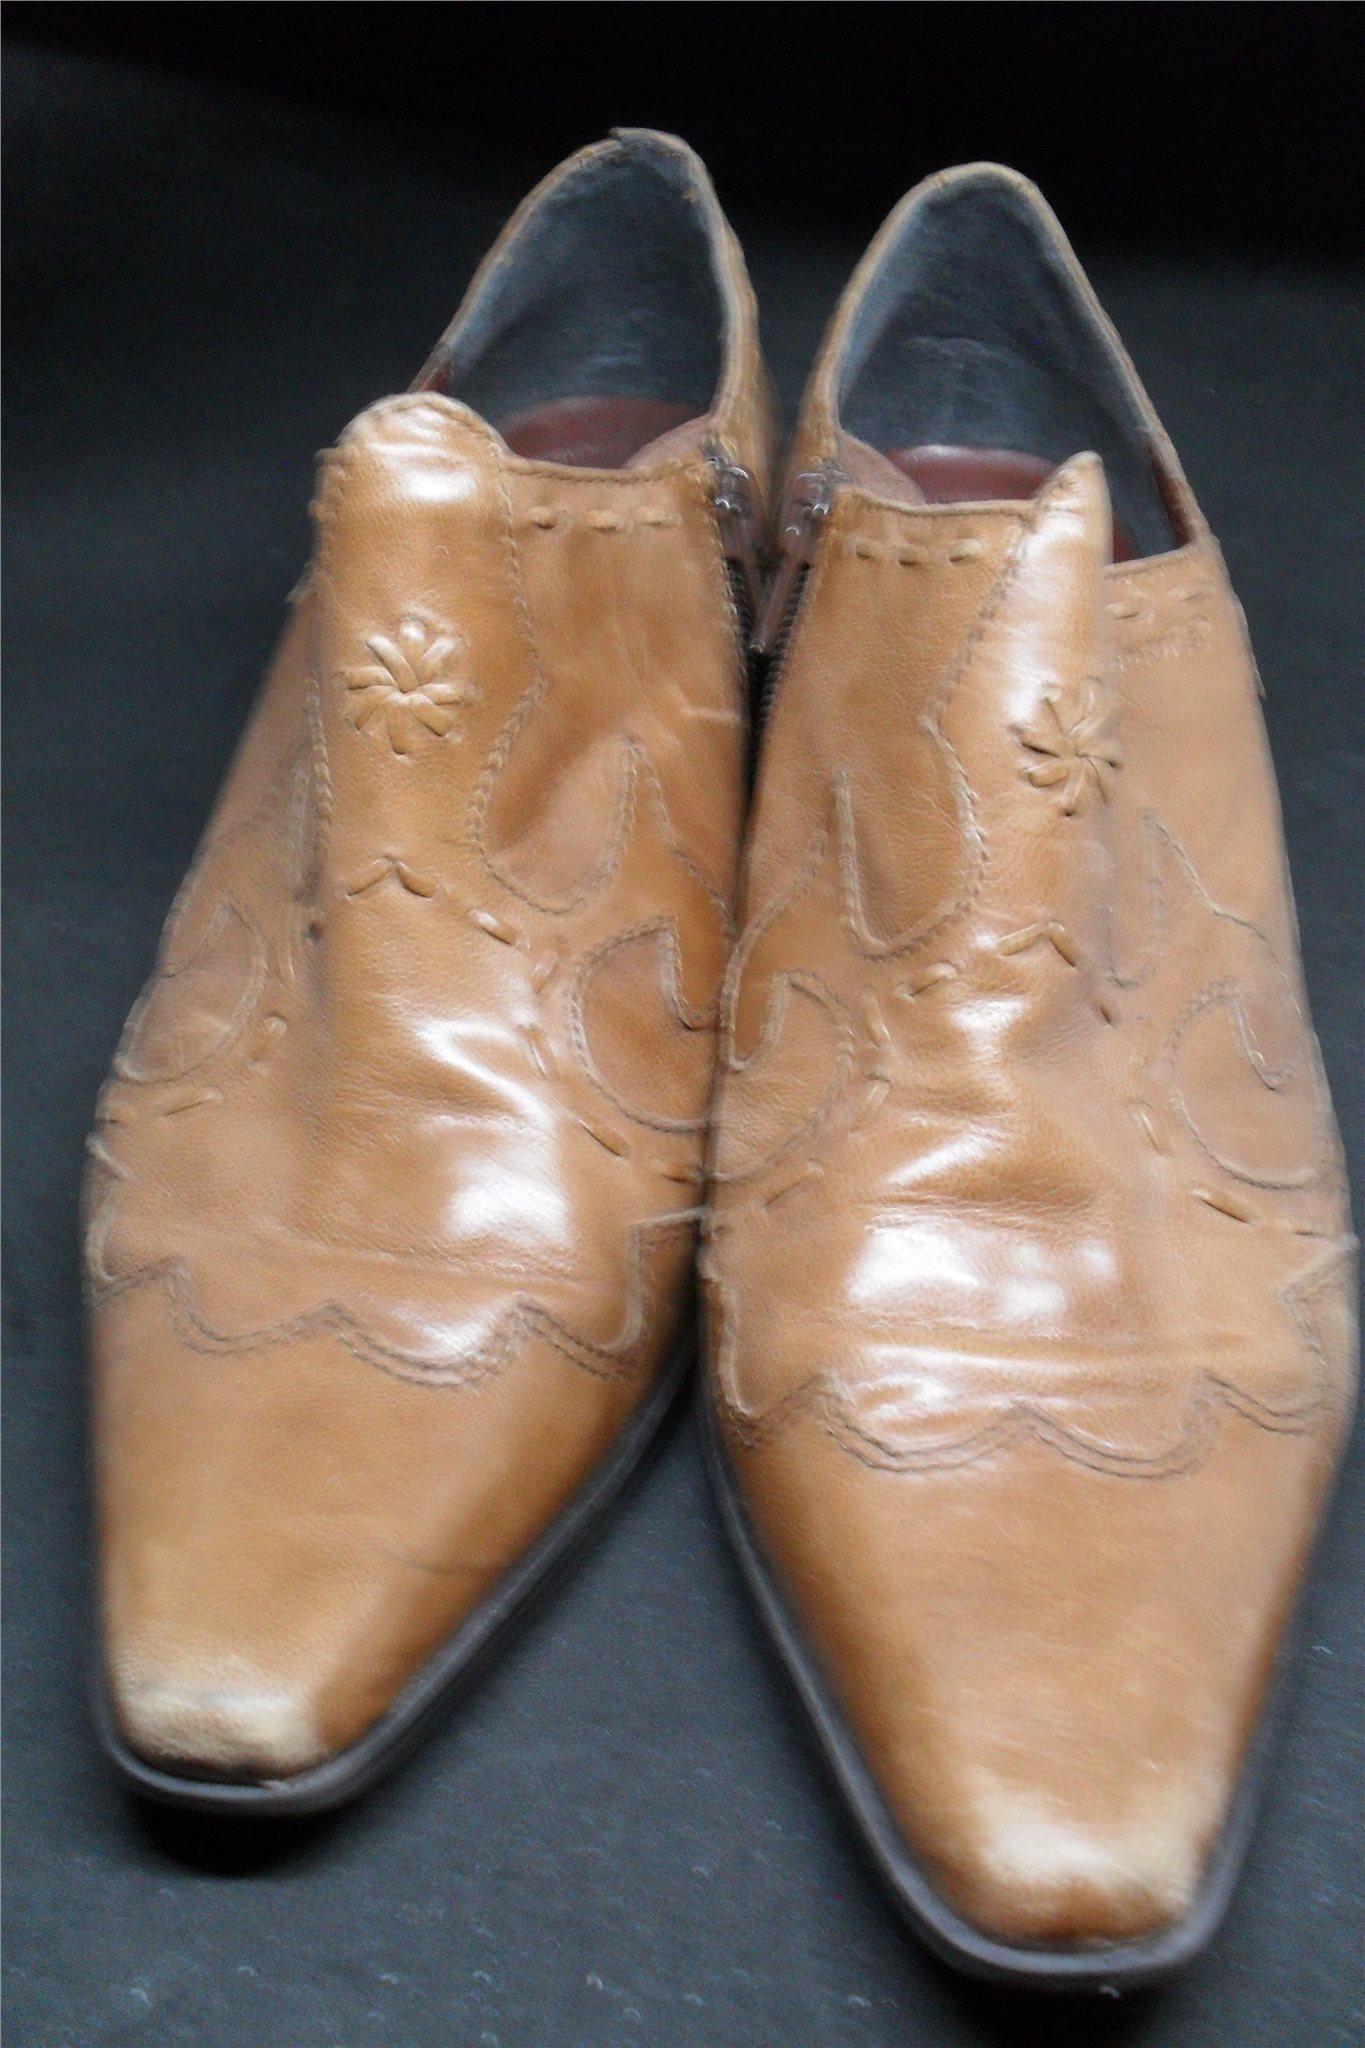 Bruna fräcka spetsiga skor. Märke  Tamaris. Begagnade storlek 40. Läder. 1c45c97ba8924